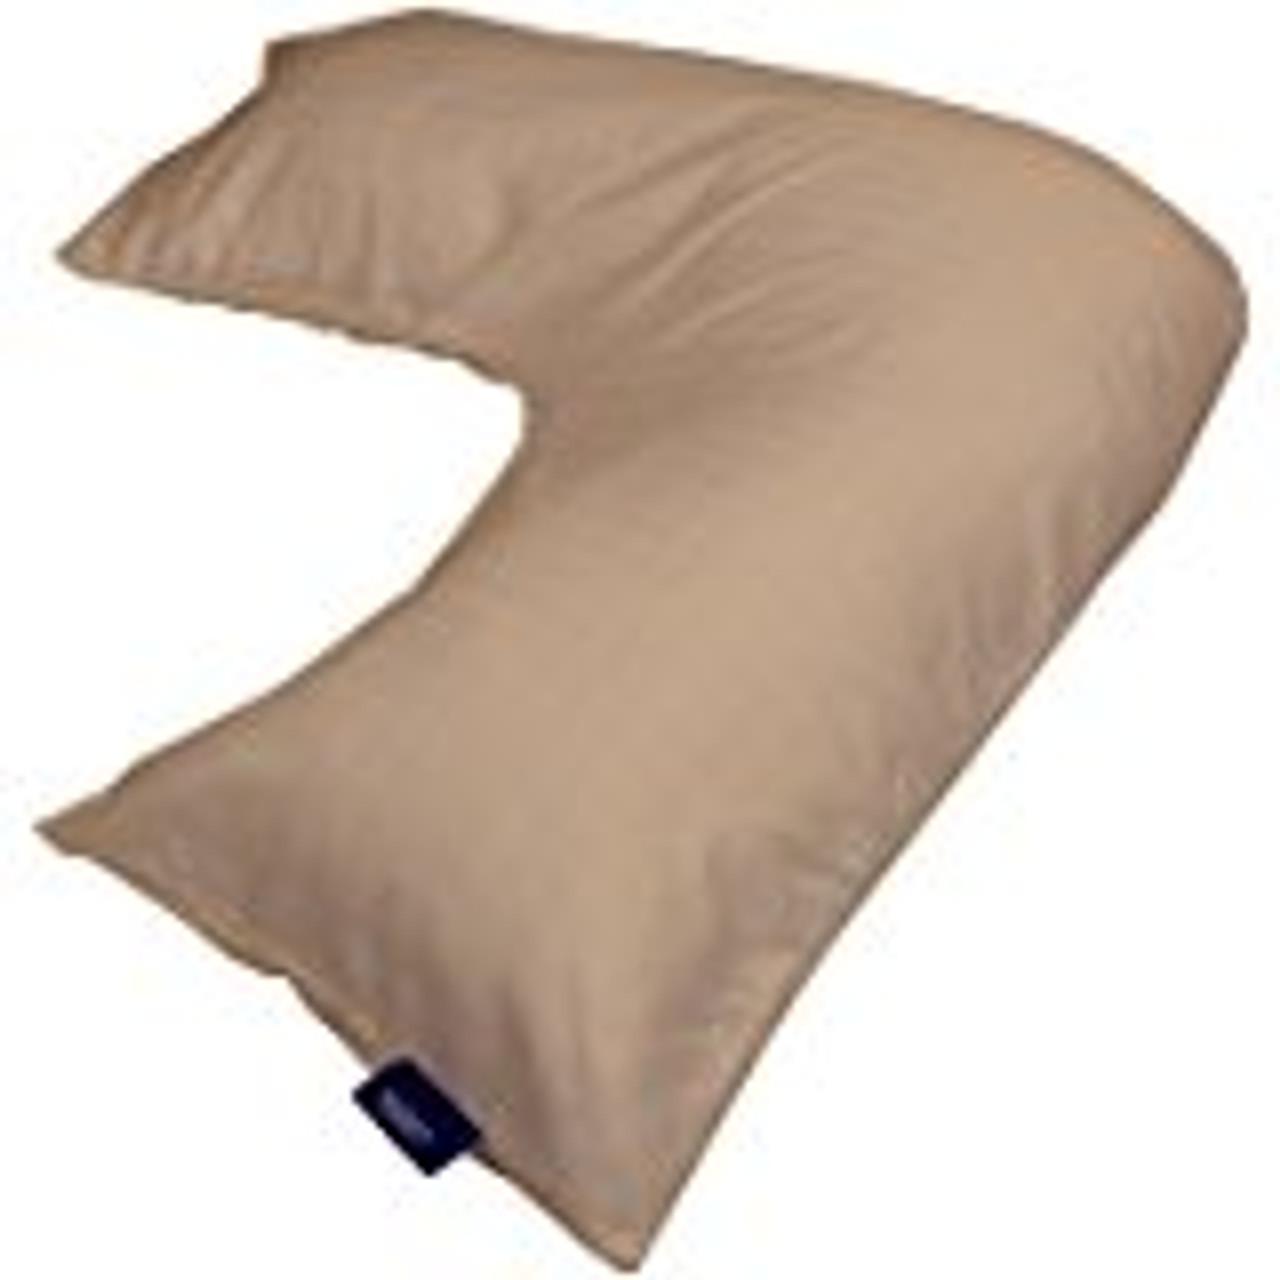 contour pillow case for l shaped body pillow